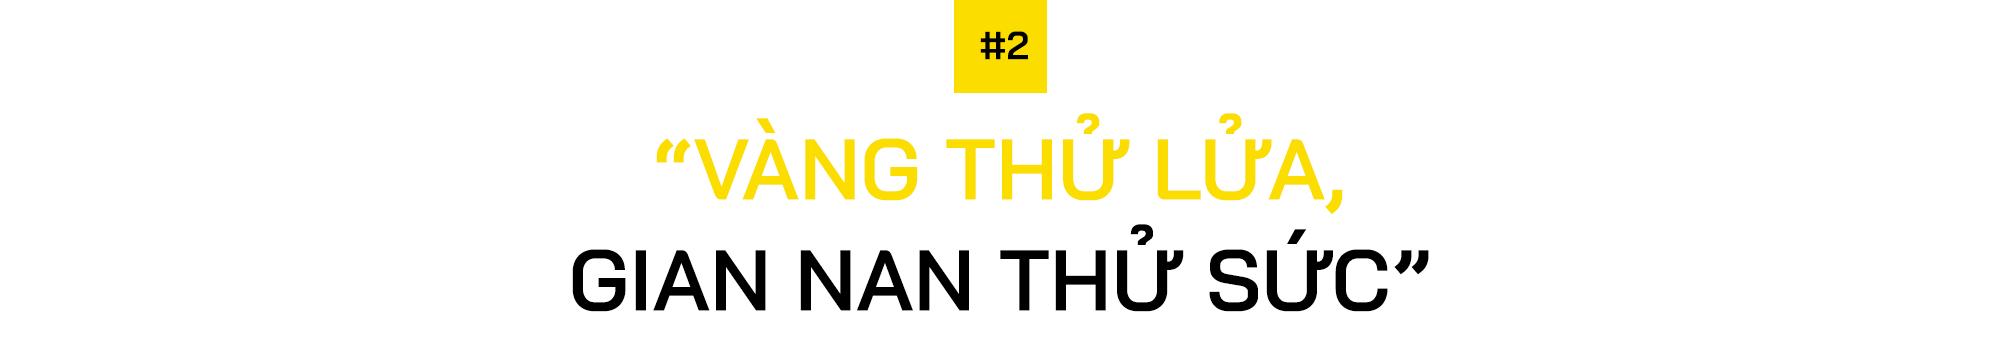 Vbee - Chặng đường 12 năm xây dựng giải pháp ngôn ngữ cho người Việt - 4